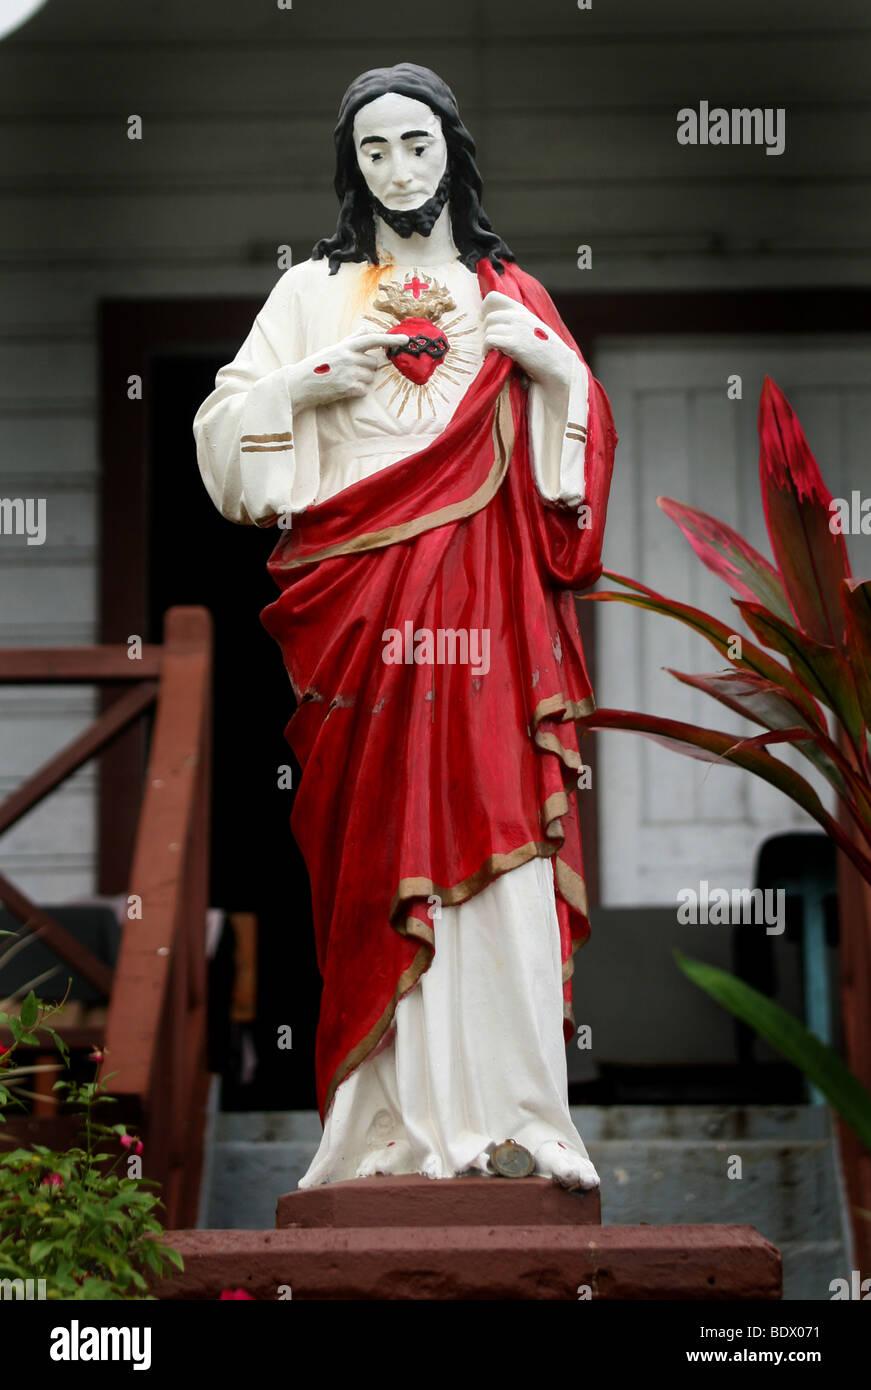 Una statua di Cristo rispecchia le origini spagnole di Tongan il cristianesimo in Vavau Tonga. Immagini Stock